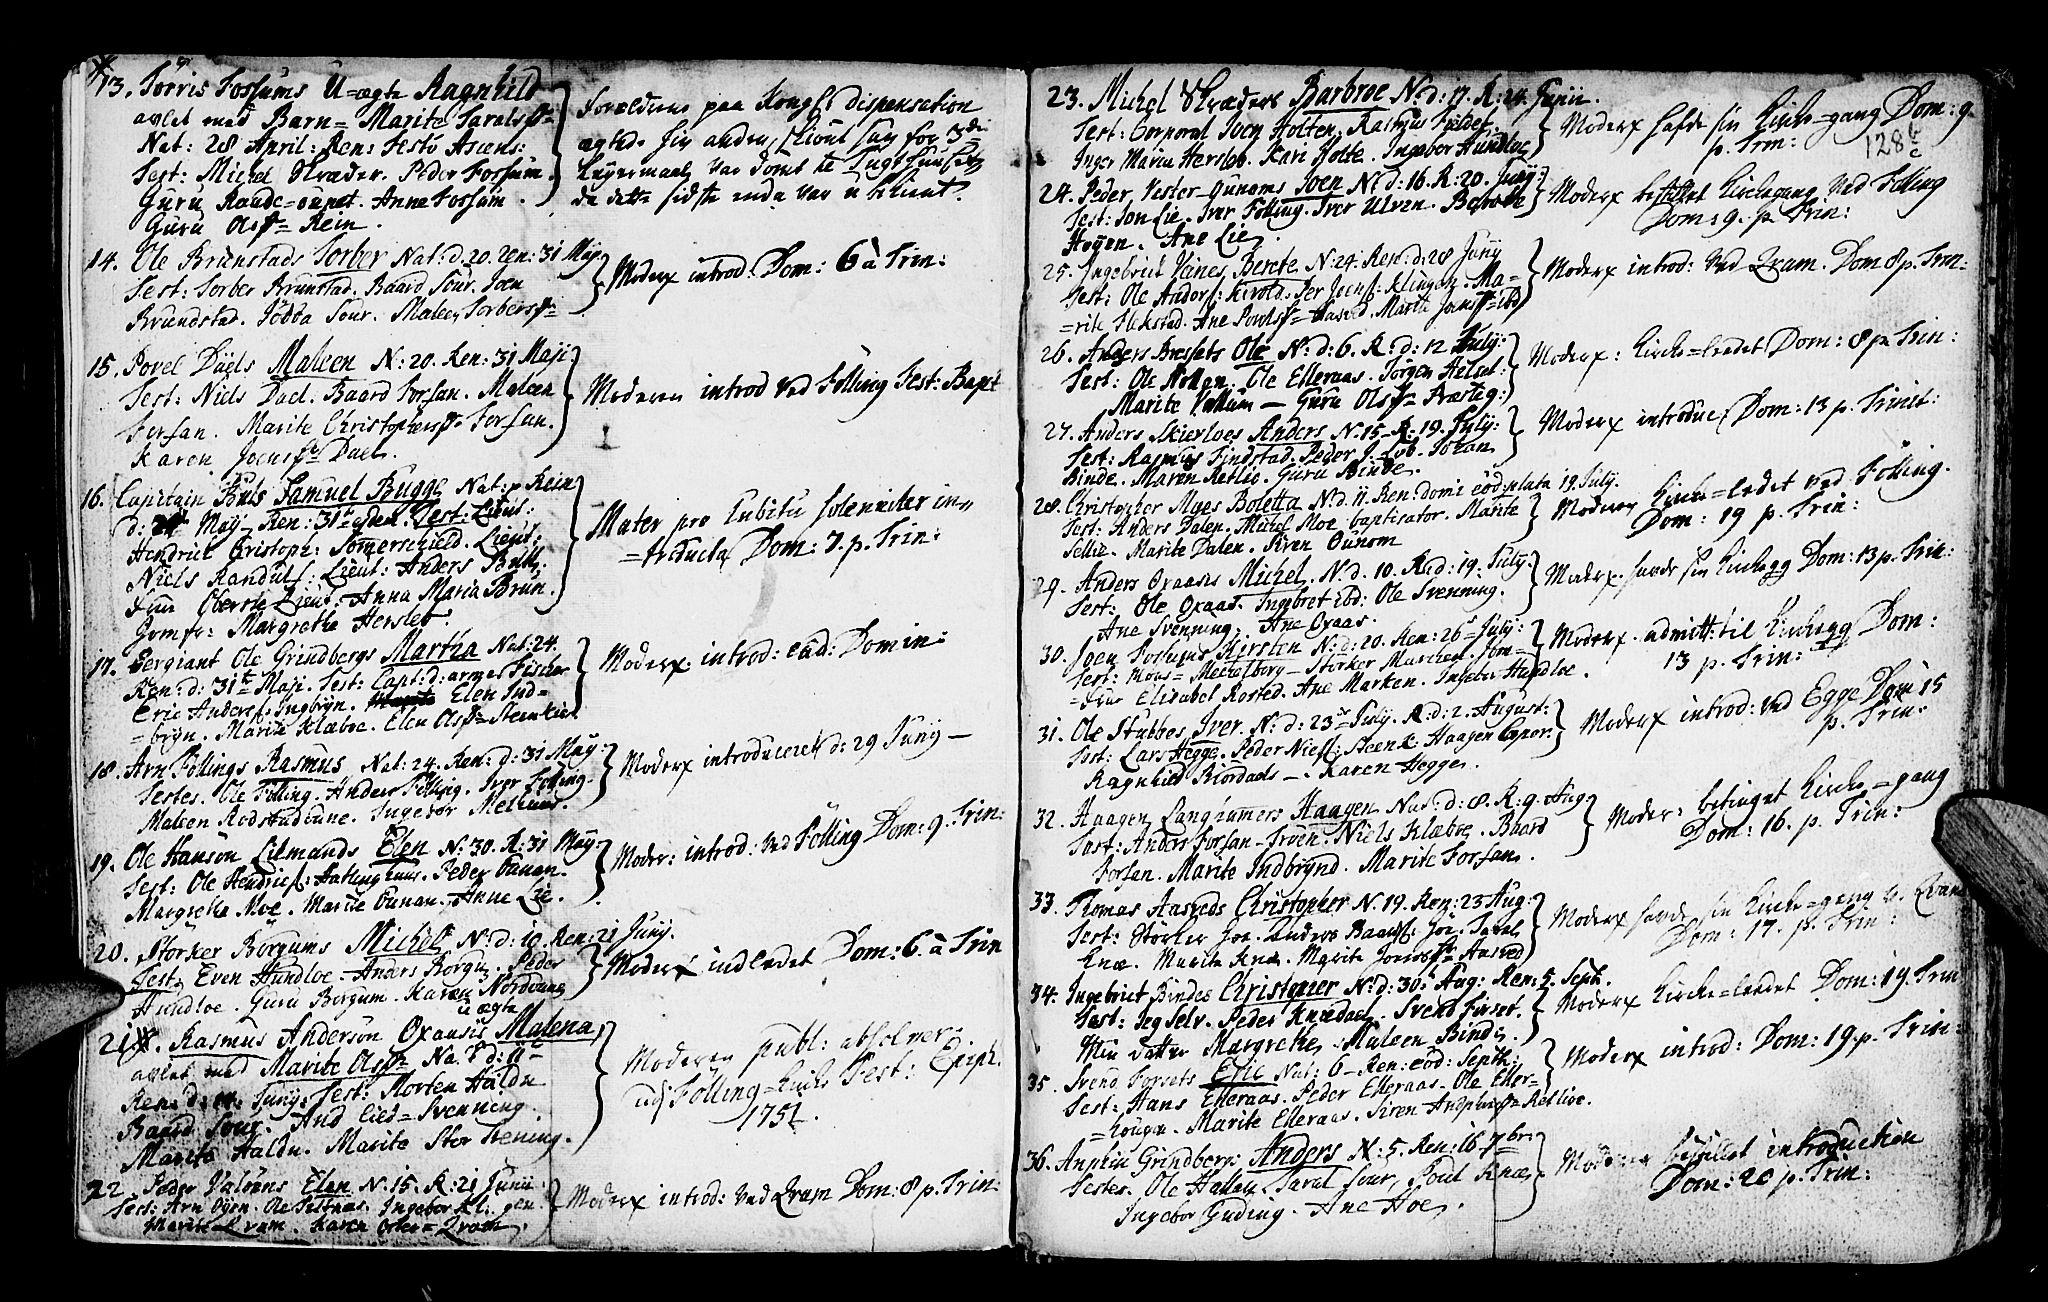 SAT, Ministerialprotokoller, klokkerbøker og fødselsregistre - Nord-Trøndelag, 746/L0439: Ministerialbok nr. 746A01, 1688-1759, s. 128b